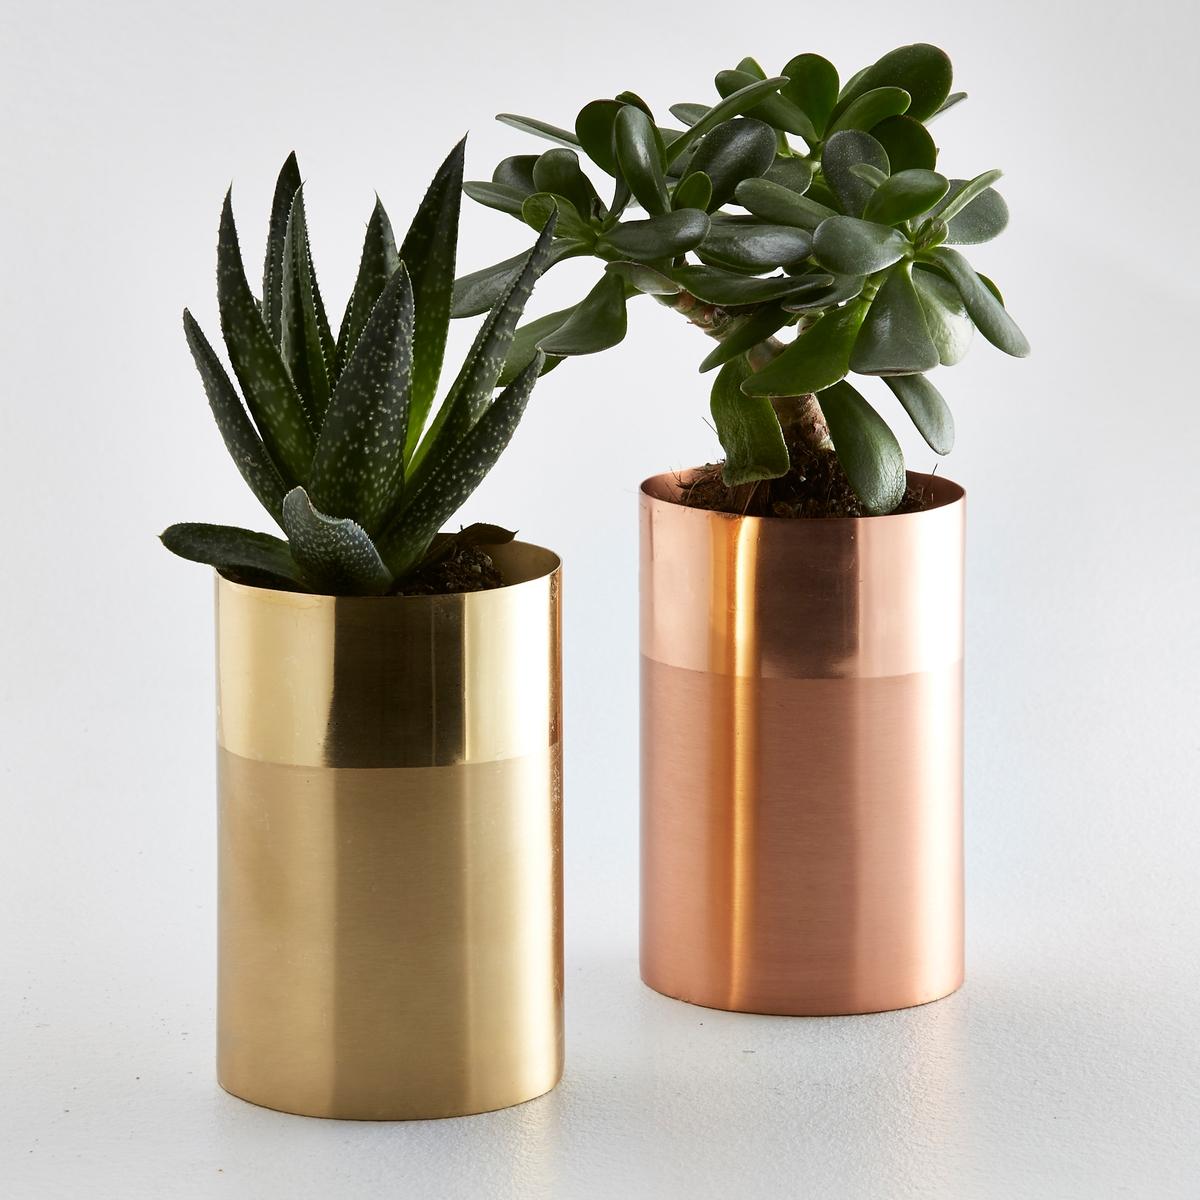 Ваза металлическая двухцветная, Ikalo ваза двухцветная adria